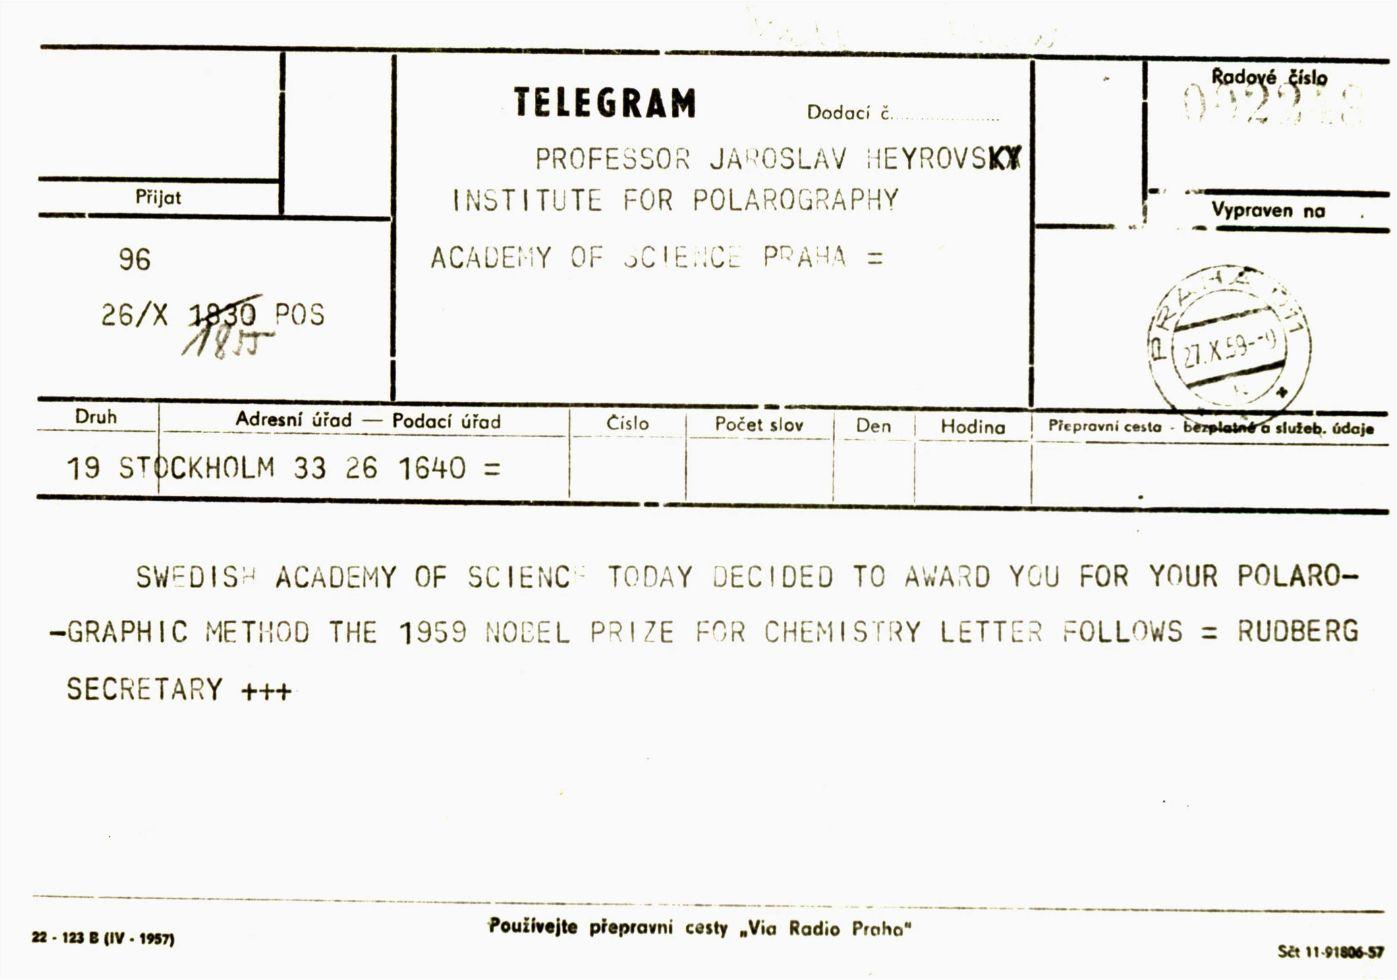 Telegram ze Stockholmu s oznámením o udělení Nobelovy ceny.